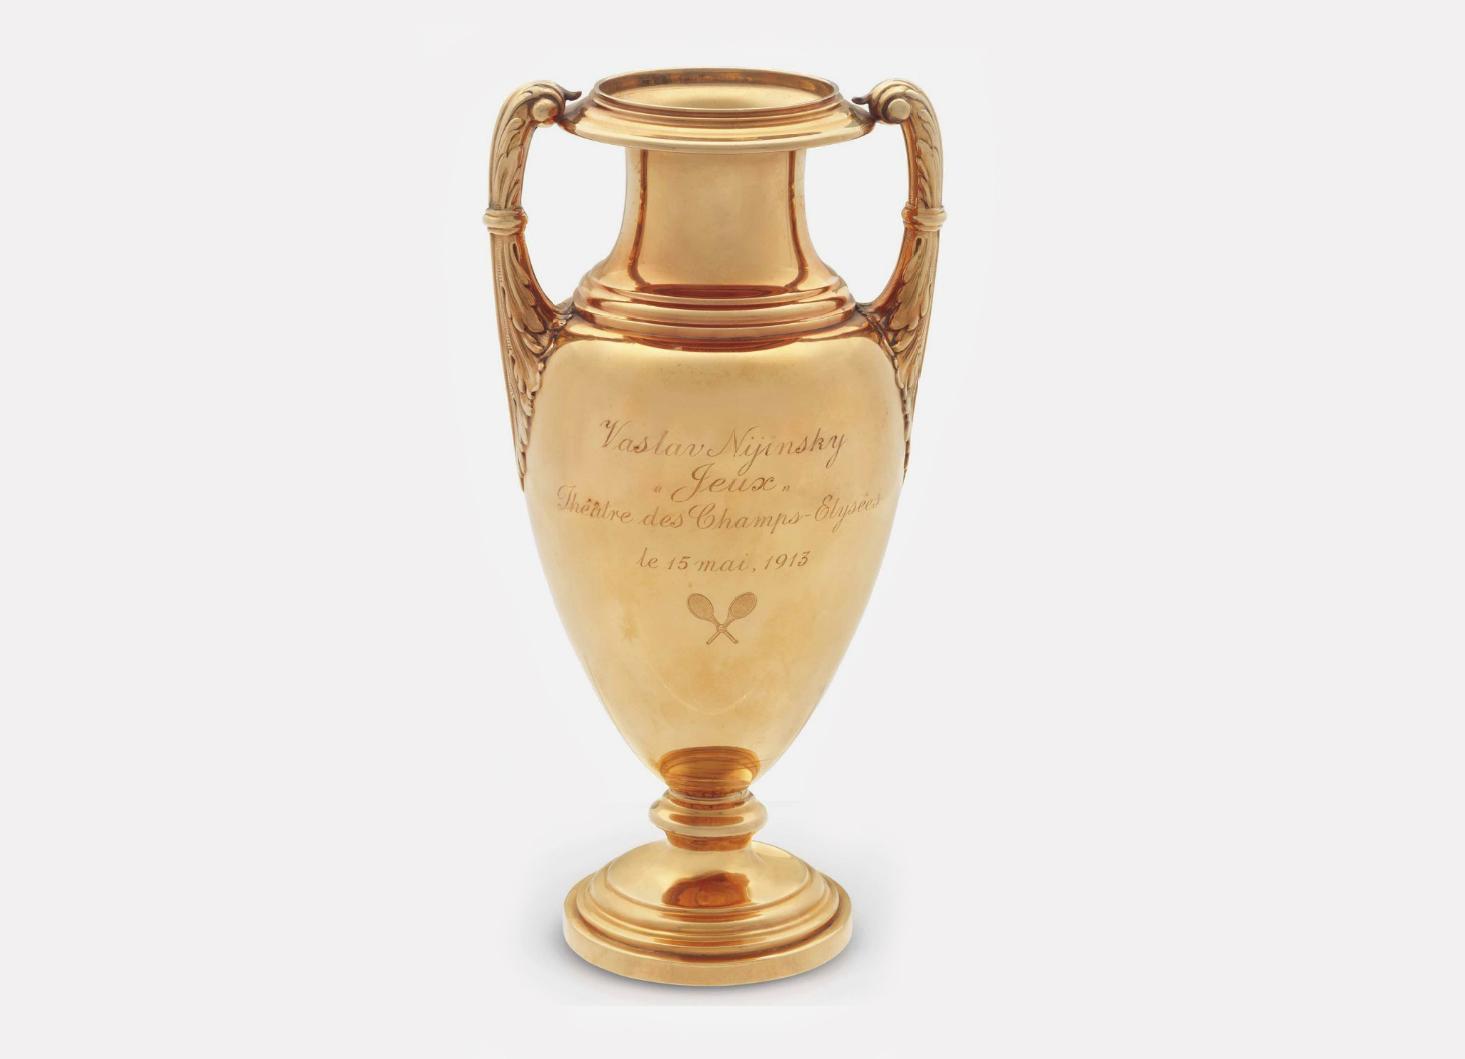 Золотой кубок с дарственной надписью Вацлаву Нижинскому, 1913